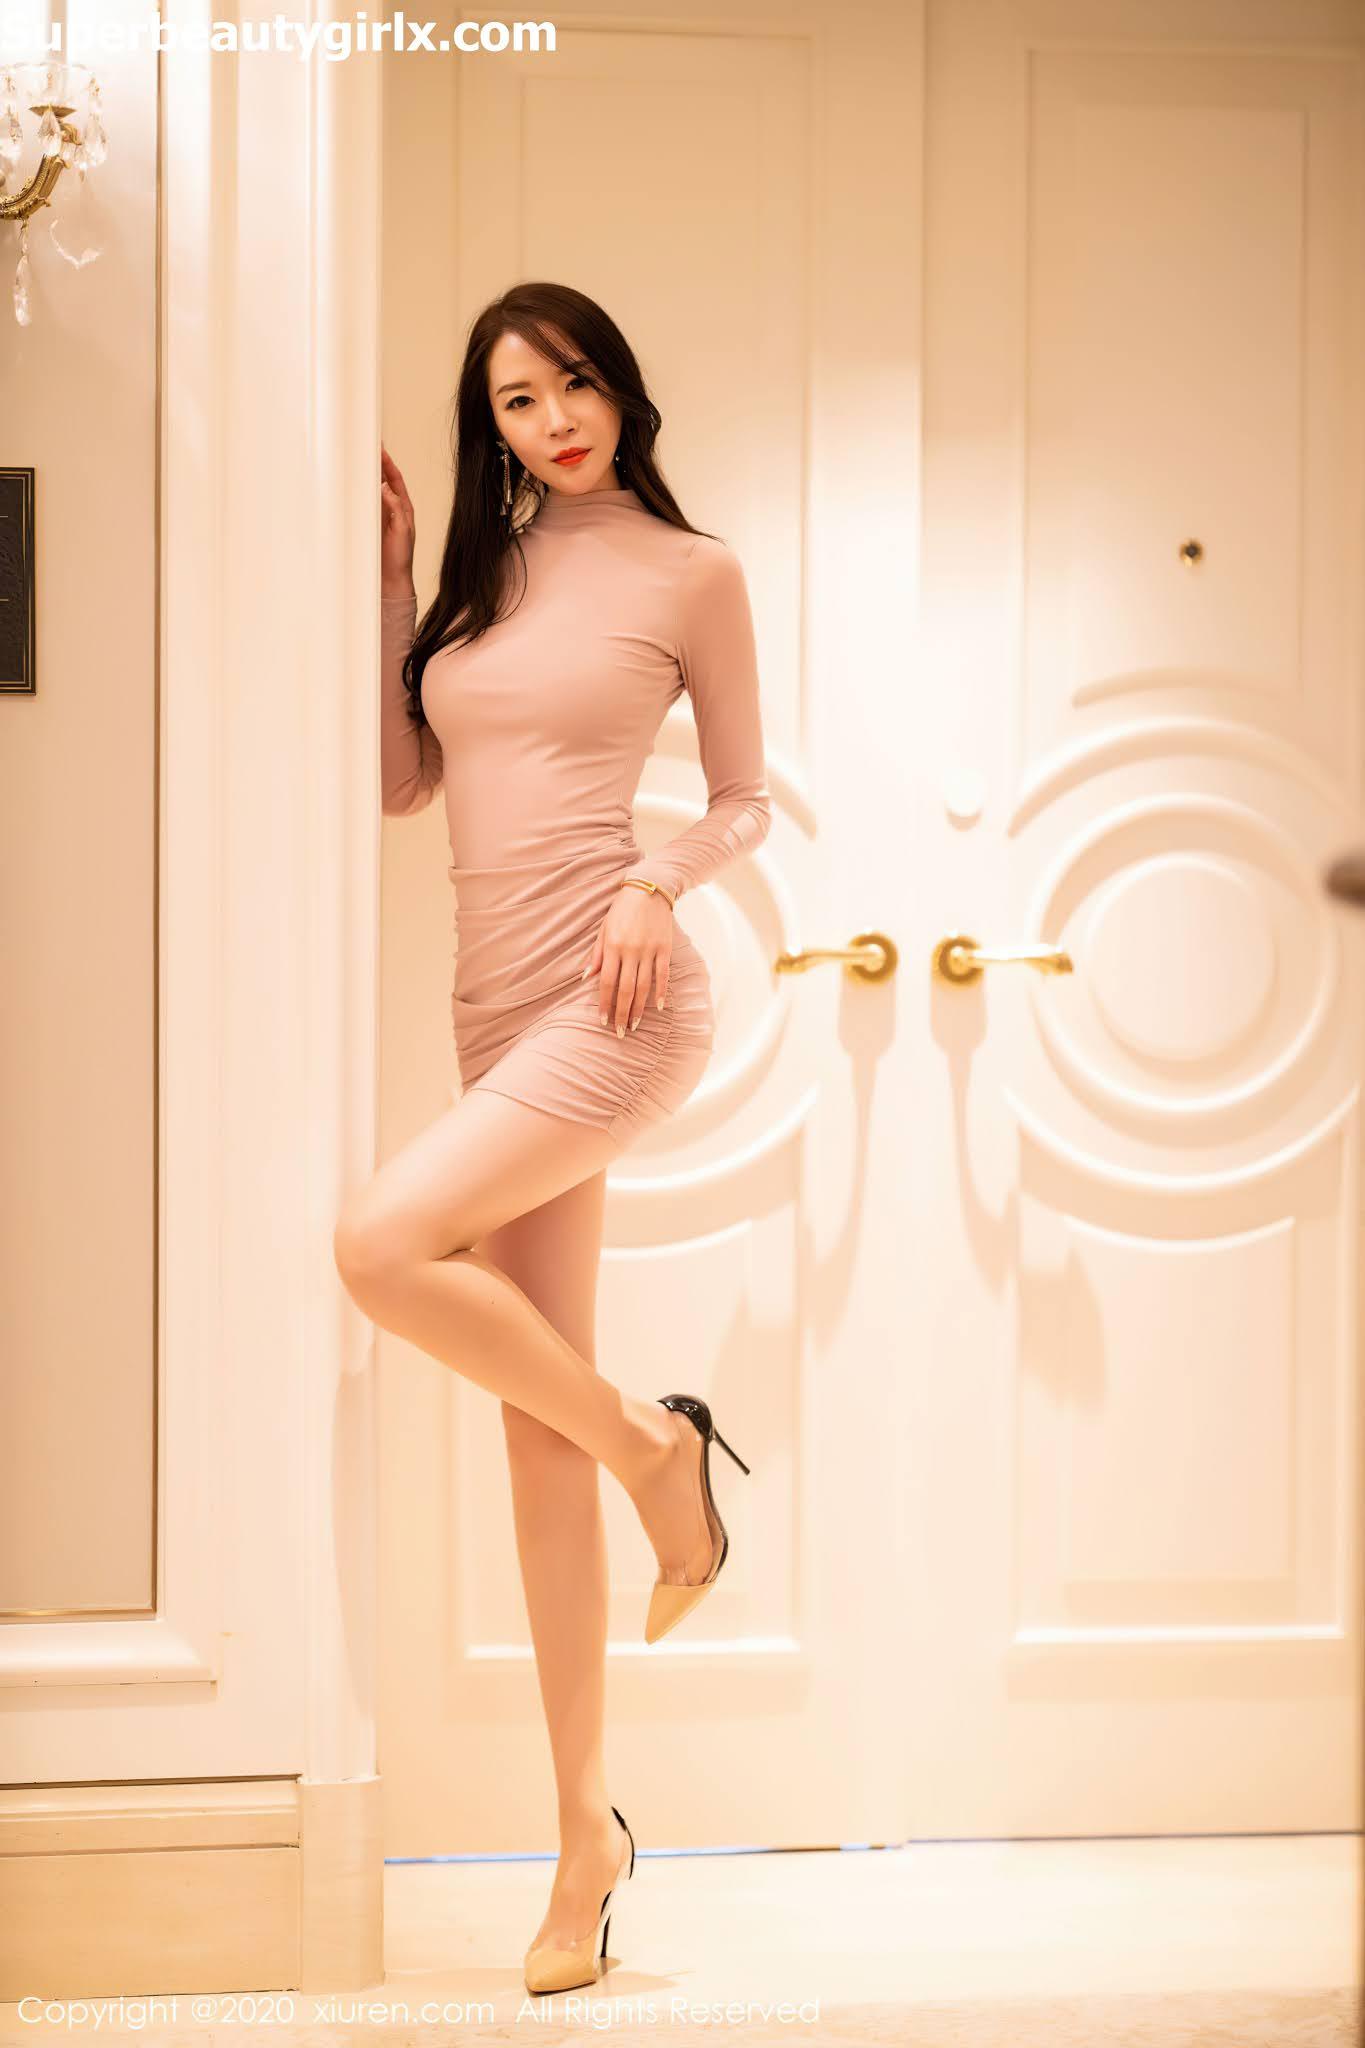 XIUREN-No.2677-Meng-Xin-Yue-Superbeautygirlx.com